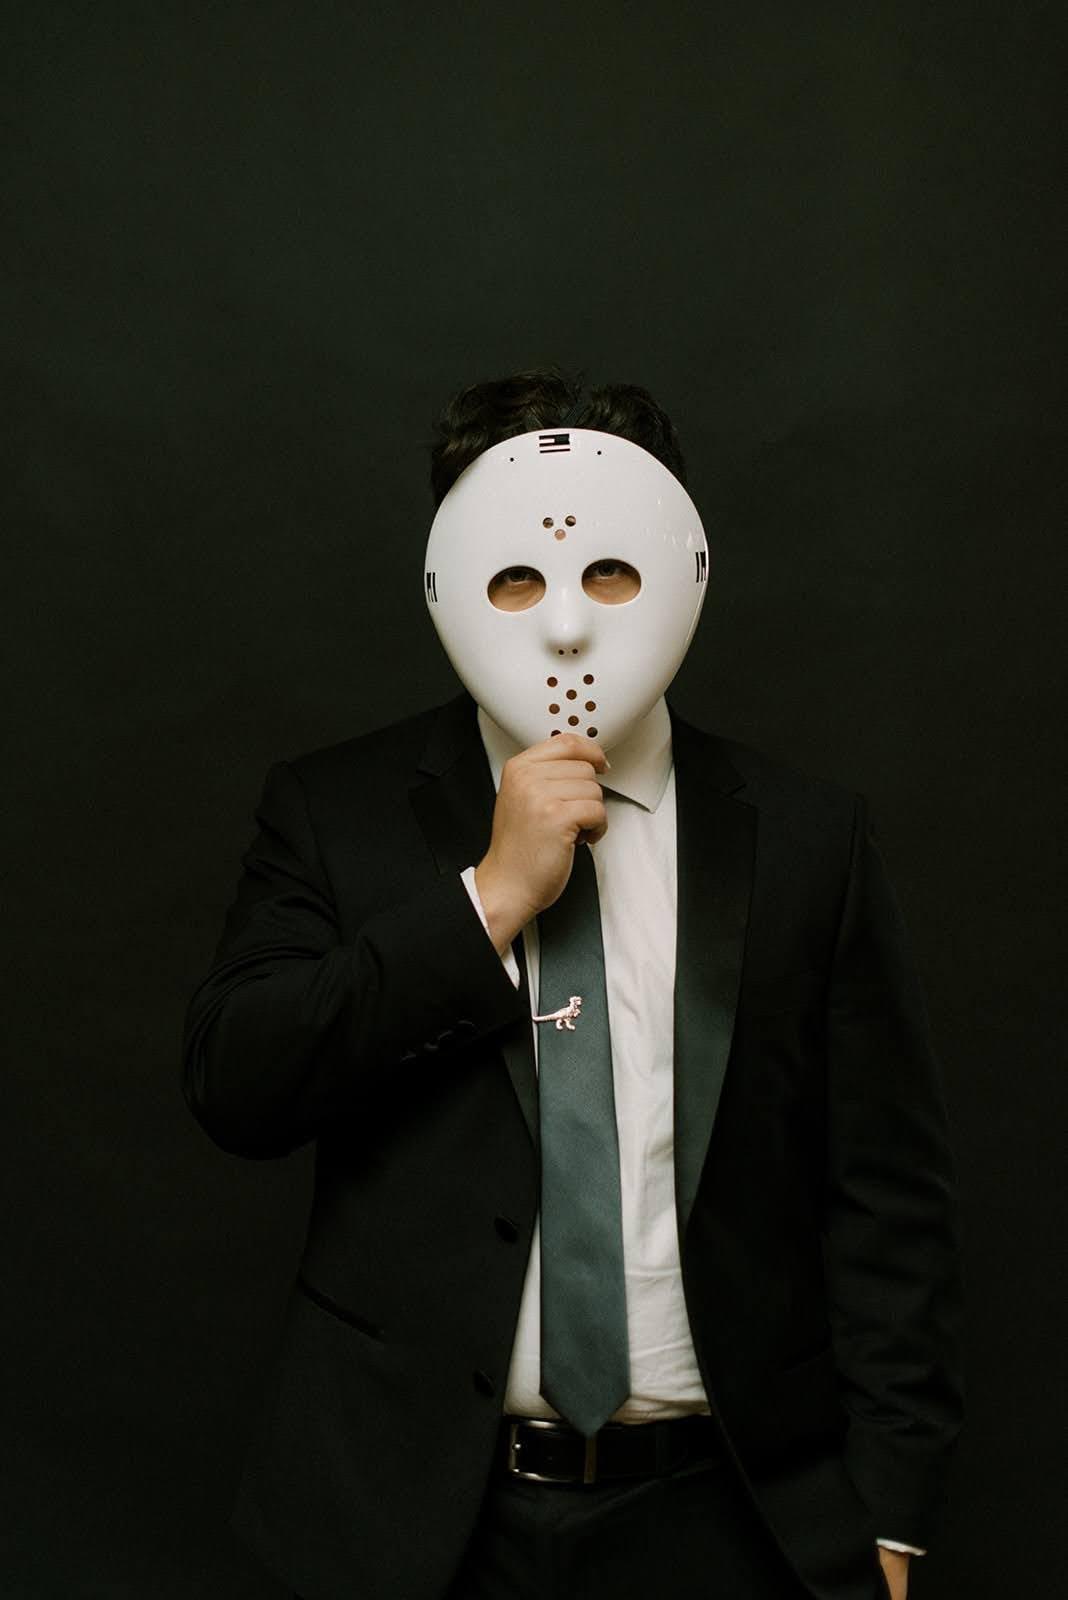 Halloween tuxedo ideas